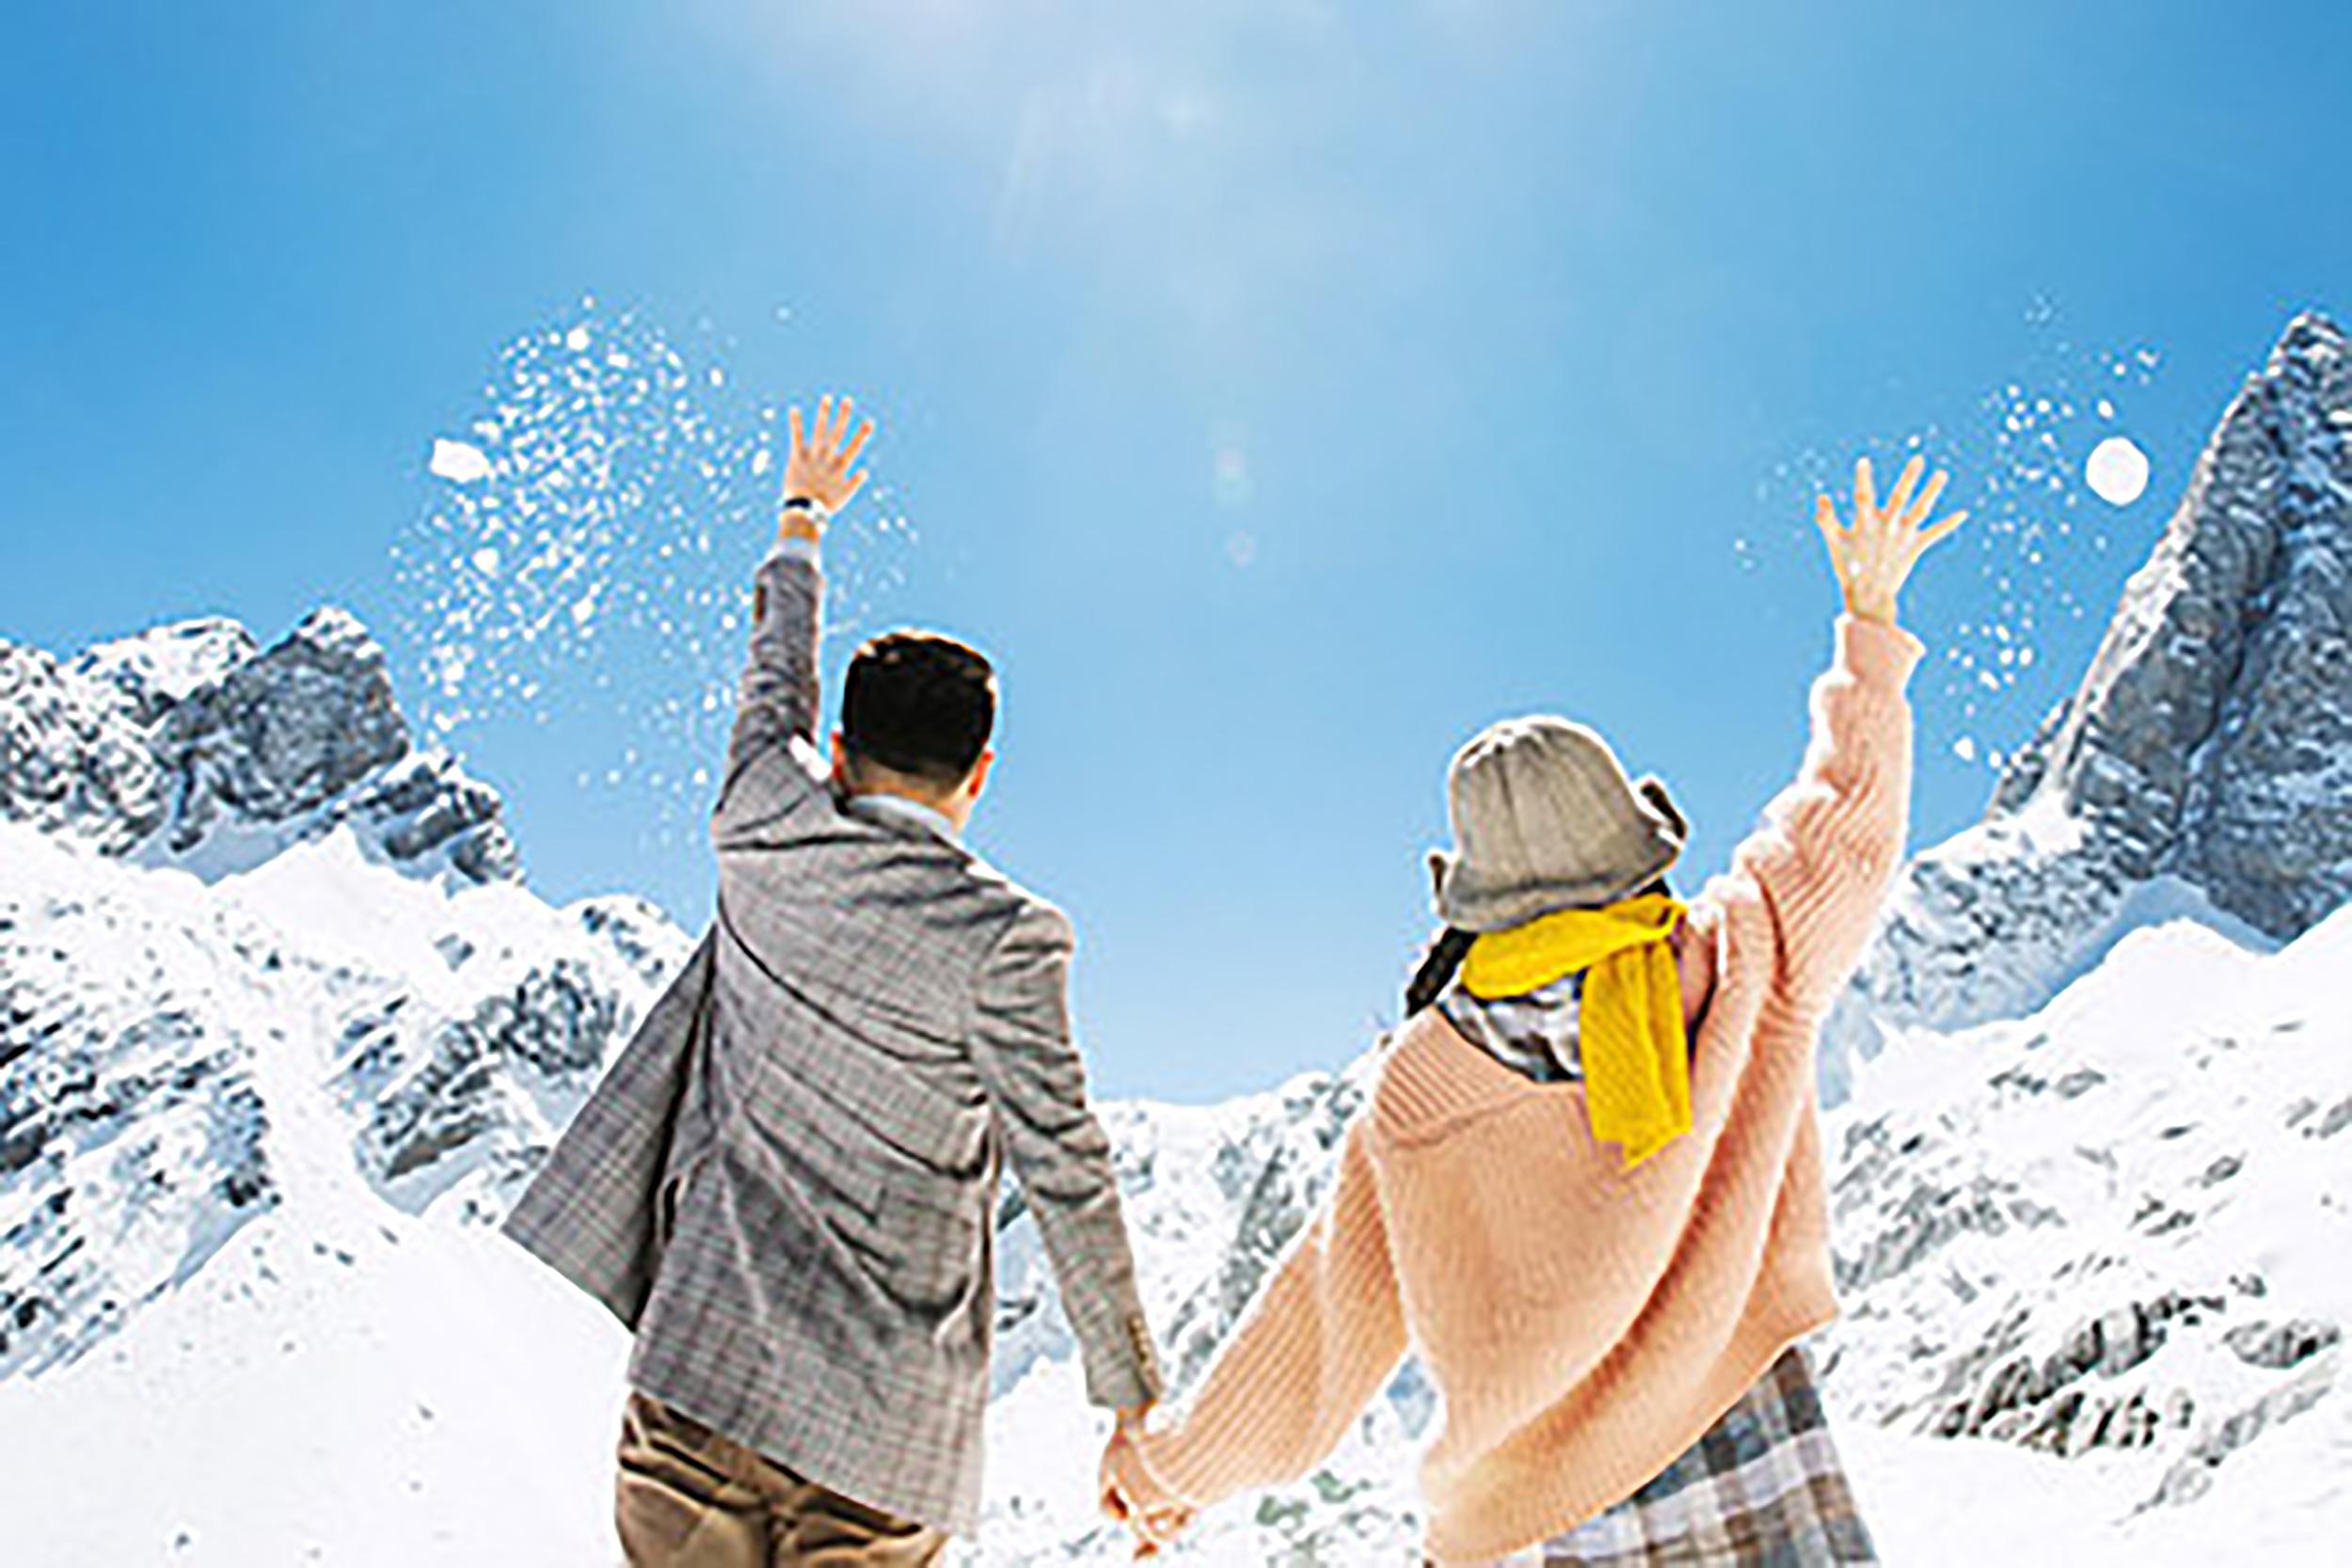 【暑价纯玩双动】大理+丽江+玉龙雪山+香格里拉8日跟团游